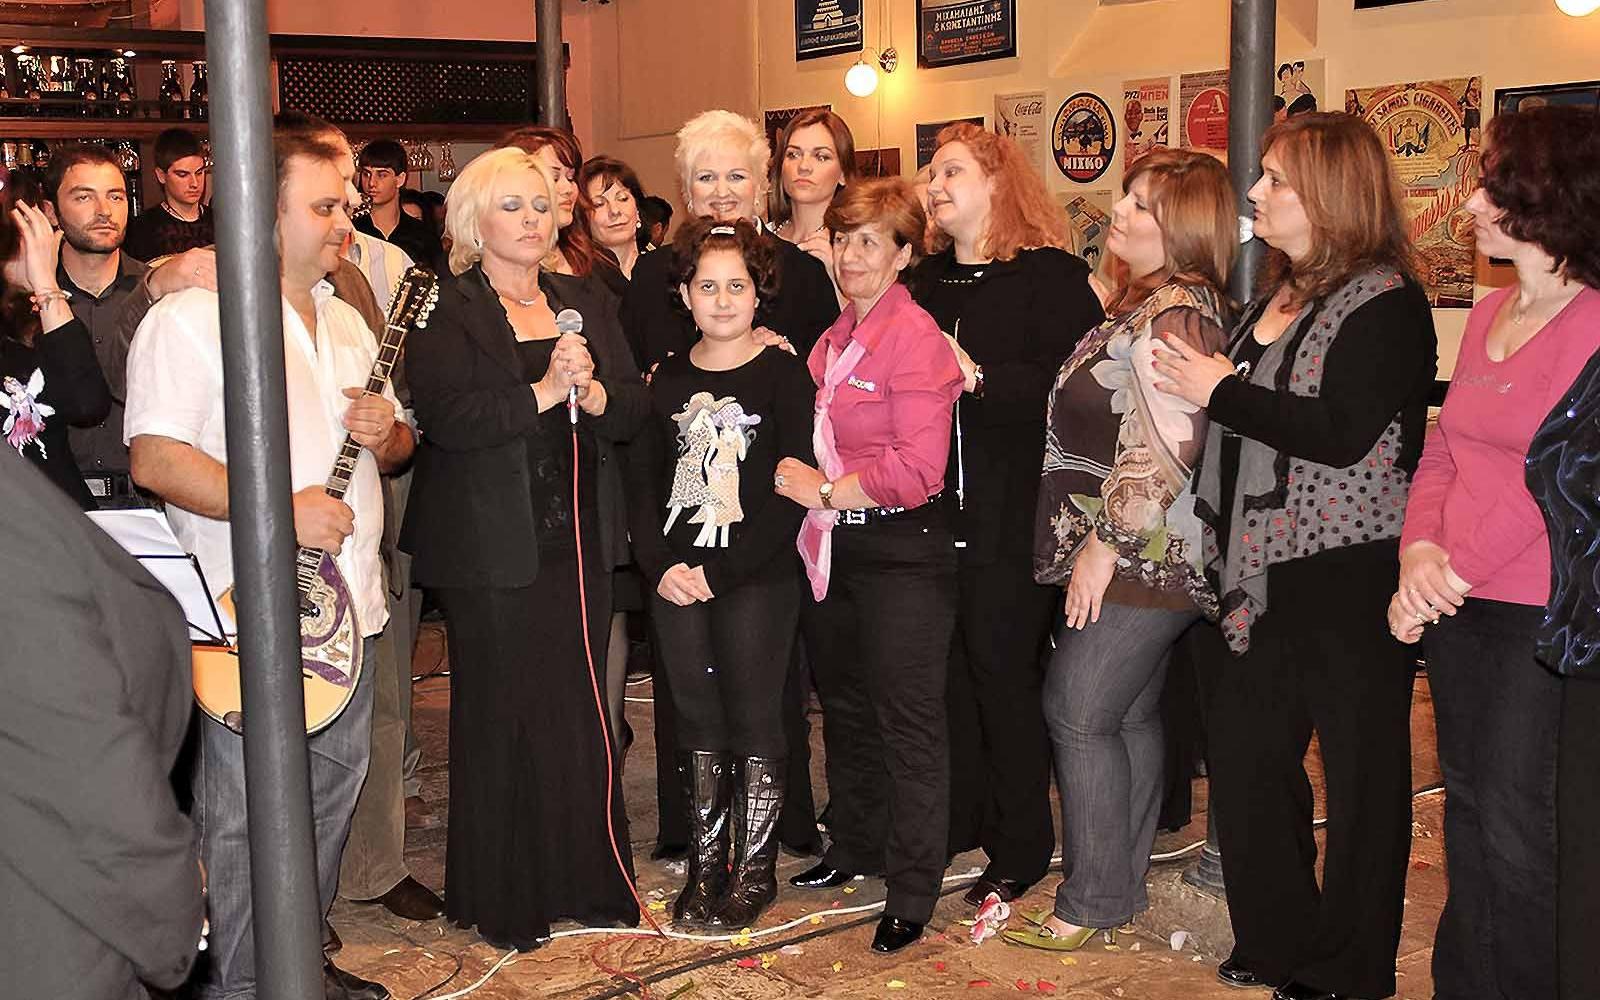 Ένωση Γυναικών Πάτρας, εγυπα, ΕΓΥΠΑ, enosiginaikonpatras, womenunion, womenunionofpatras, patraswomenunion, Ενωσηγυναικωνπατρας, ρογδακηανναμαρια, annamariarogdaki, ένωση γυναικών πάτρας, ΦΙΛΑΝΘΡΩΠΙΚΌ ΣΩΜΑΤΕΊΟ,